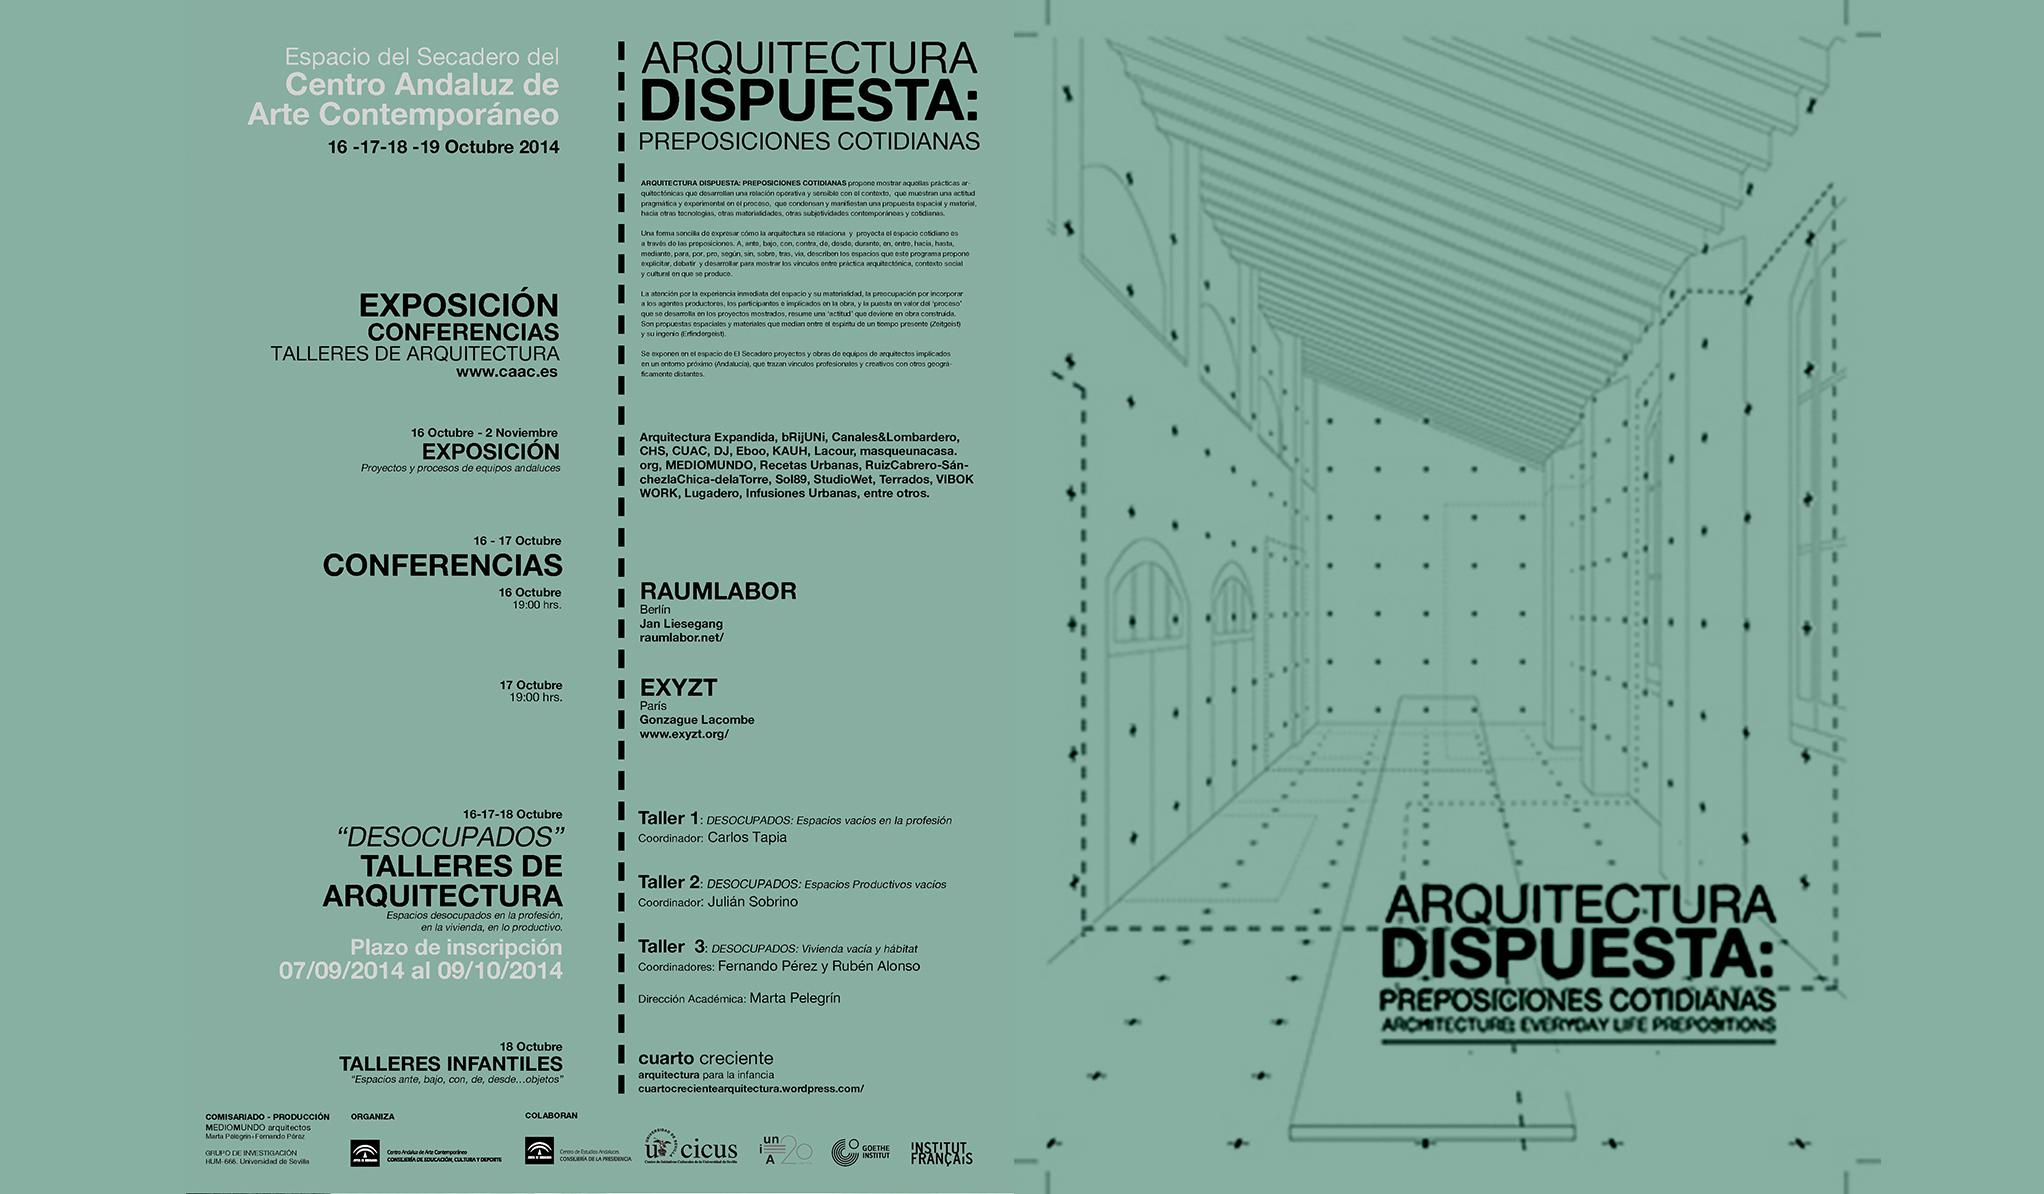 9_mediomundo arq_CAAC_ArquitecturaDispuesta